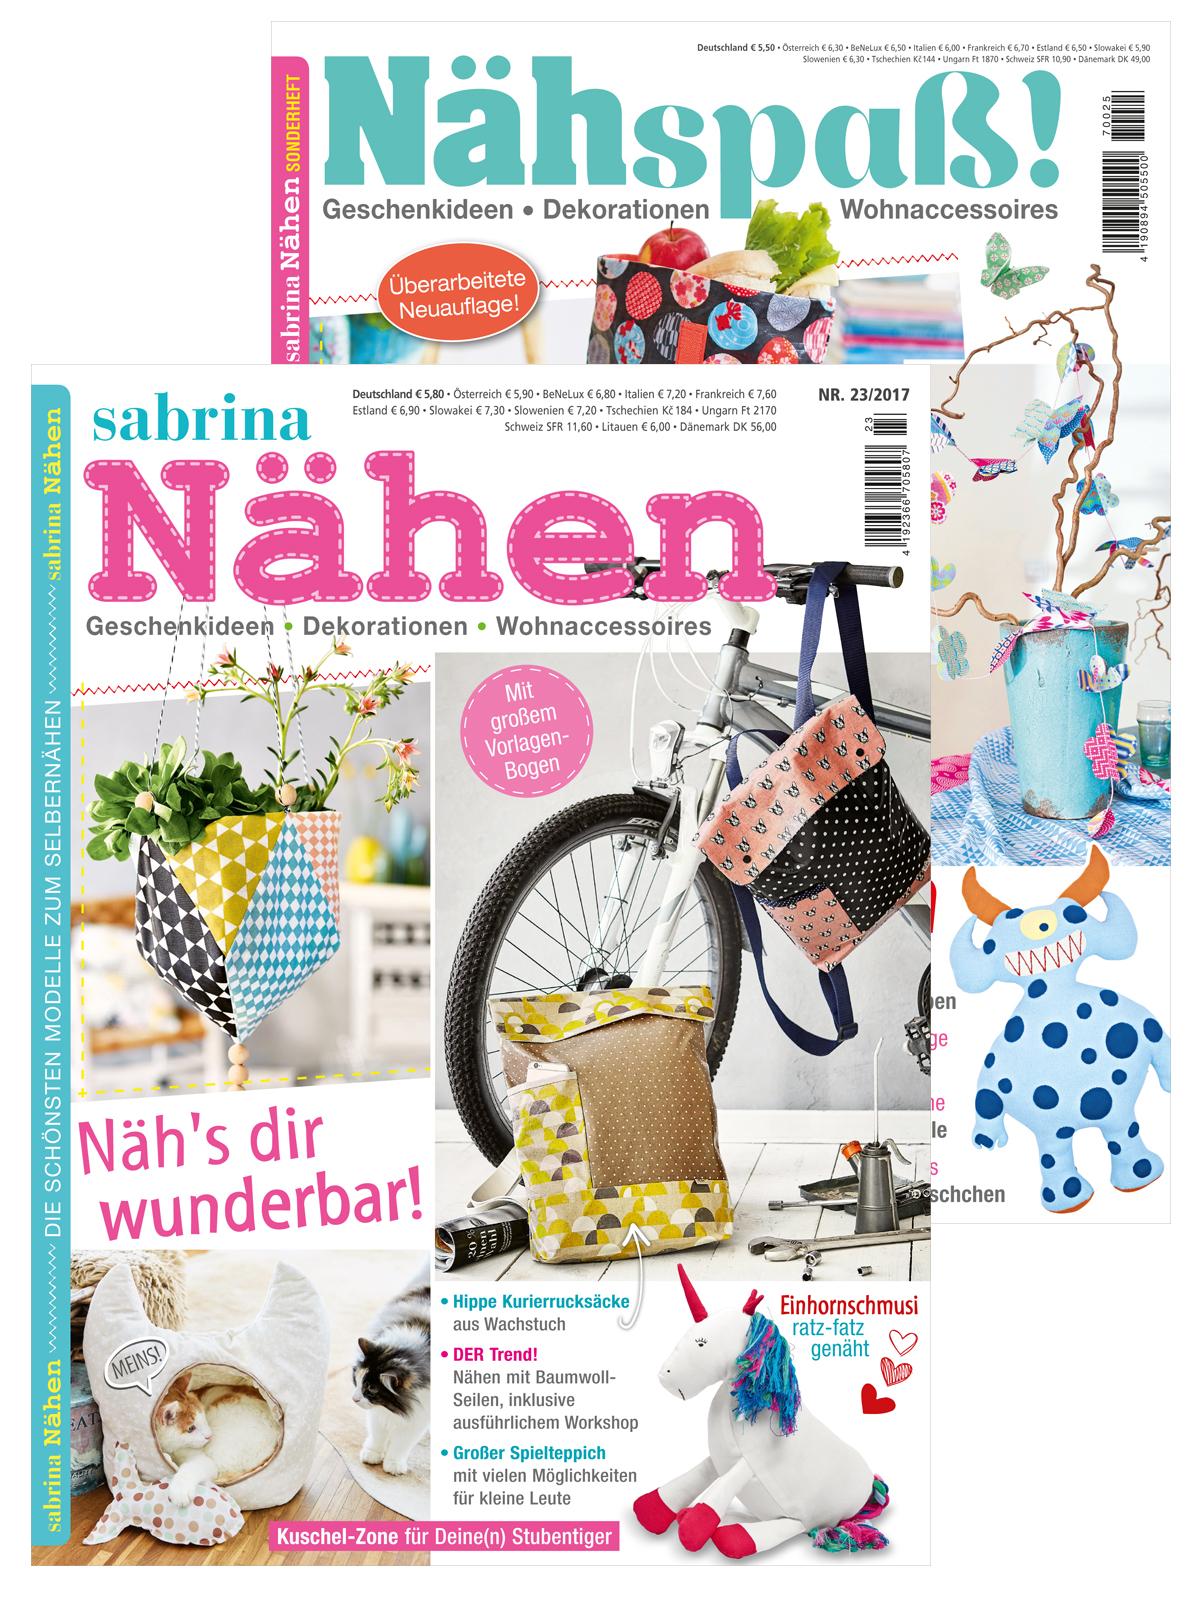 Zwei Zeitschriften: Homedeko nähen mit Sabrina Wohnen